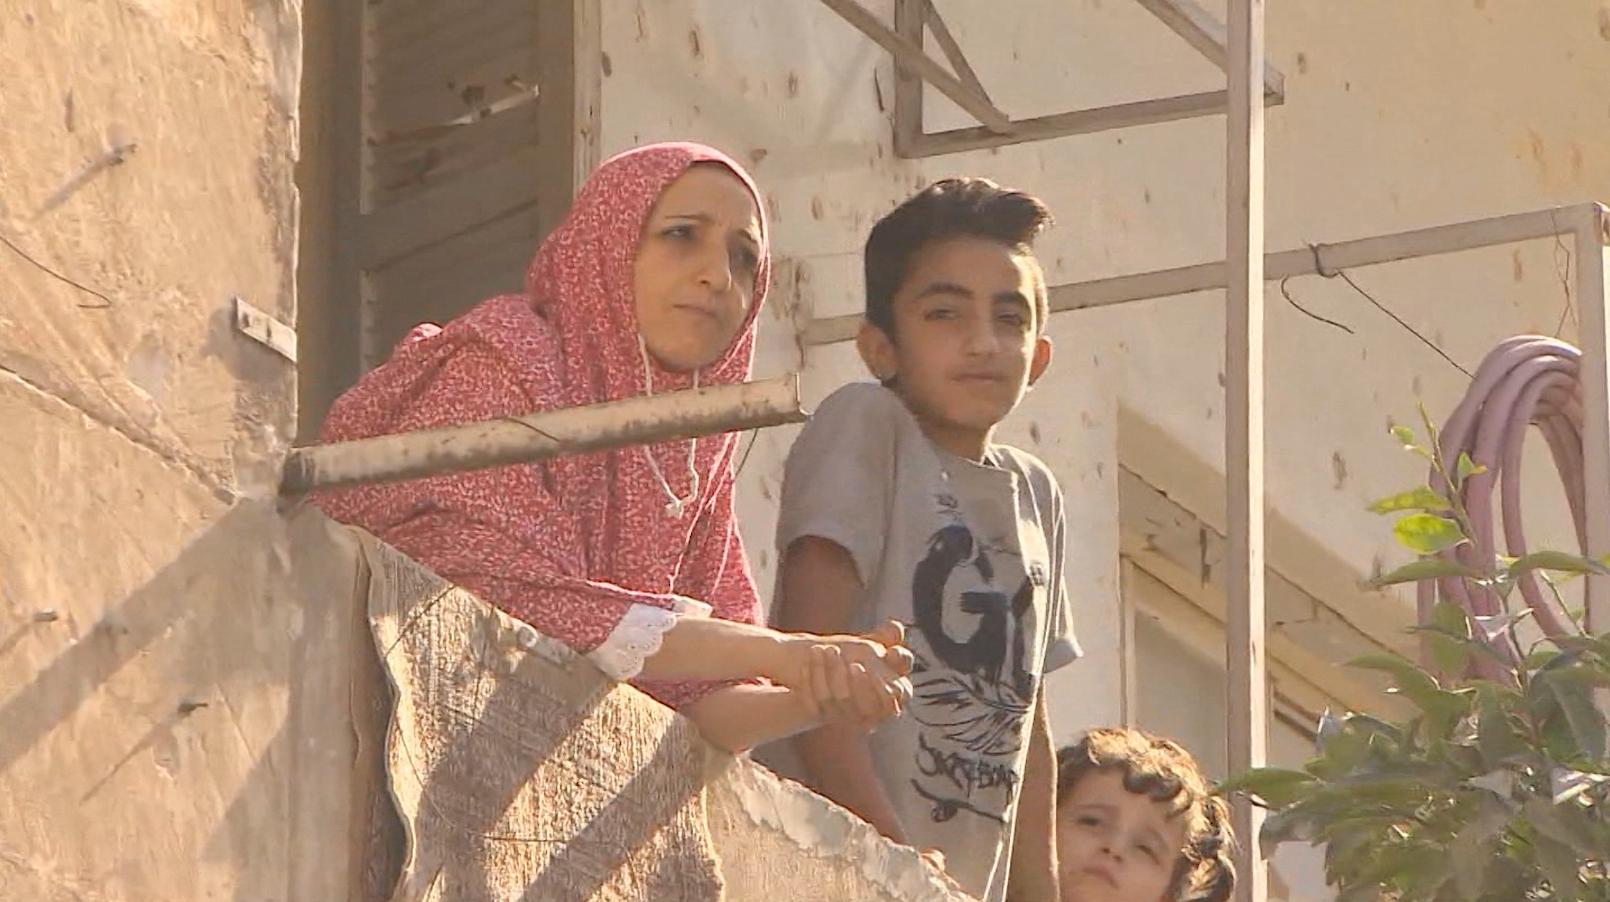 عدسة CNN من داخل حلب.. كيف تبدو المدينة بعد وقف إطلاق النار؟